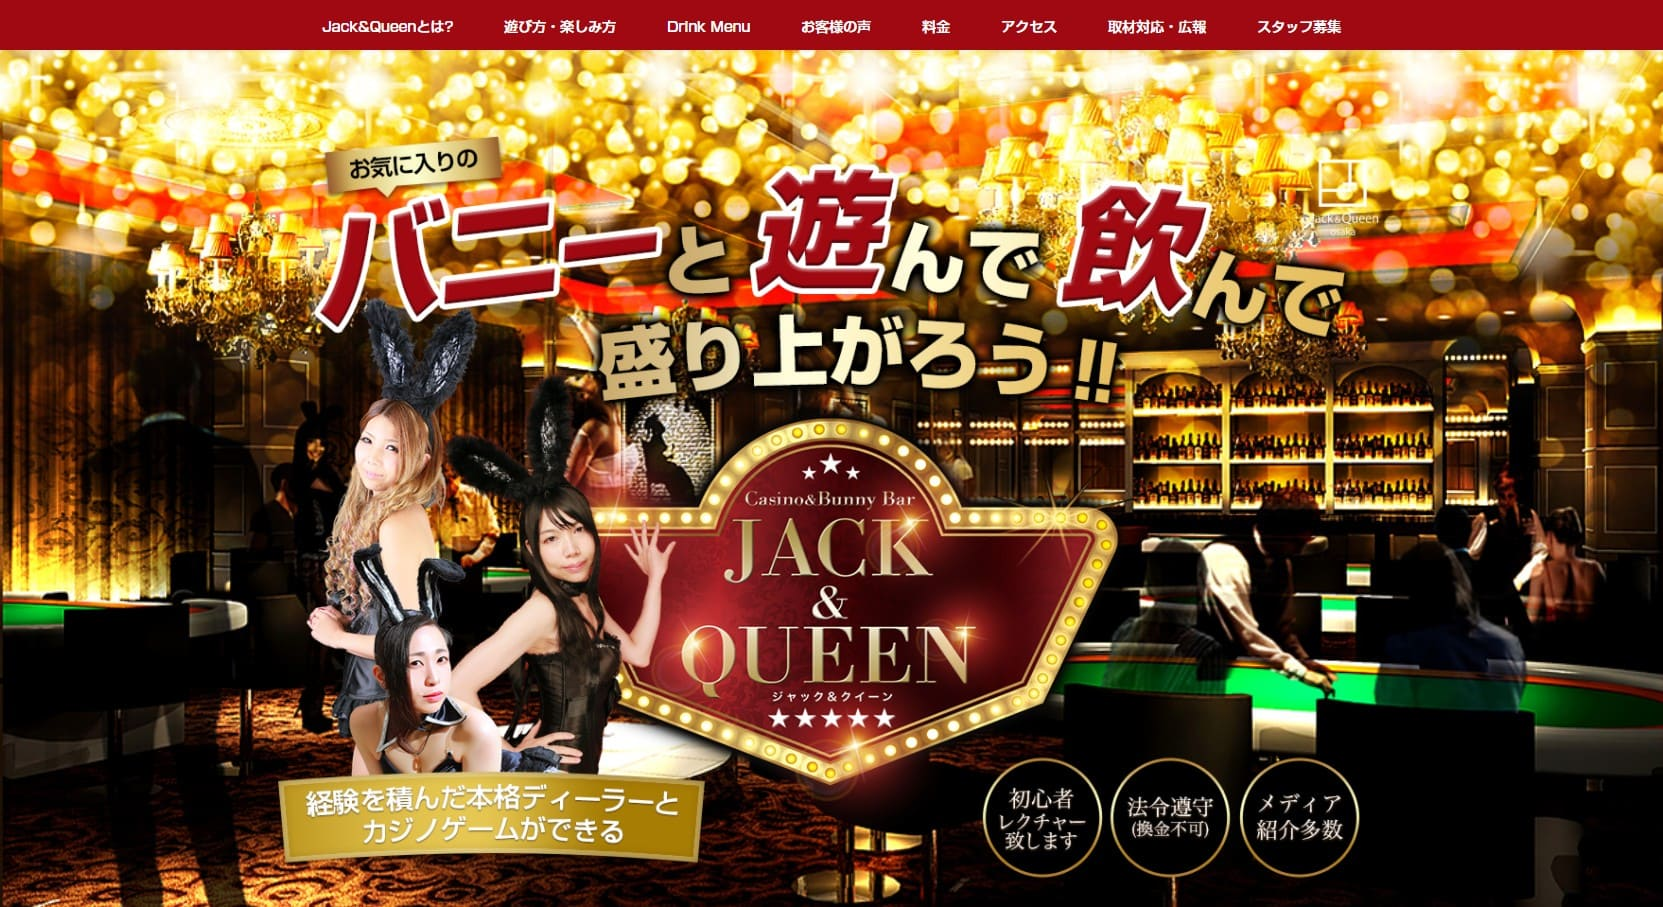 カジノ&バニーBAR Jack&Queenのウェブサイト画像。